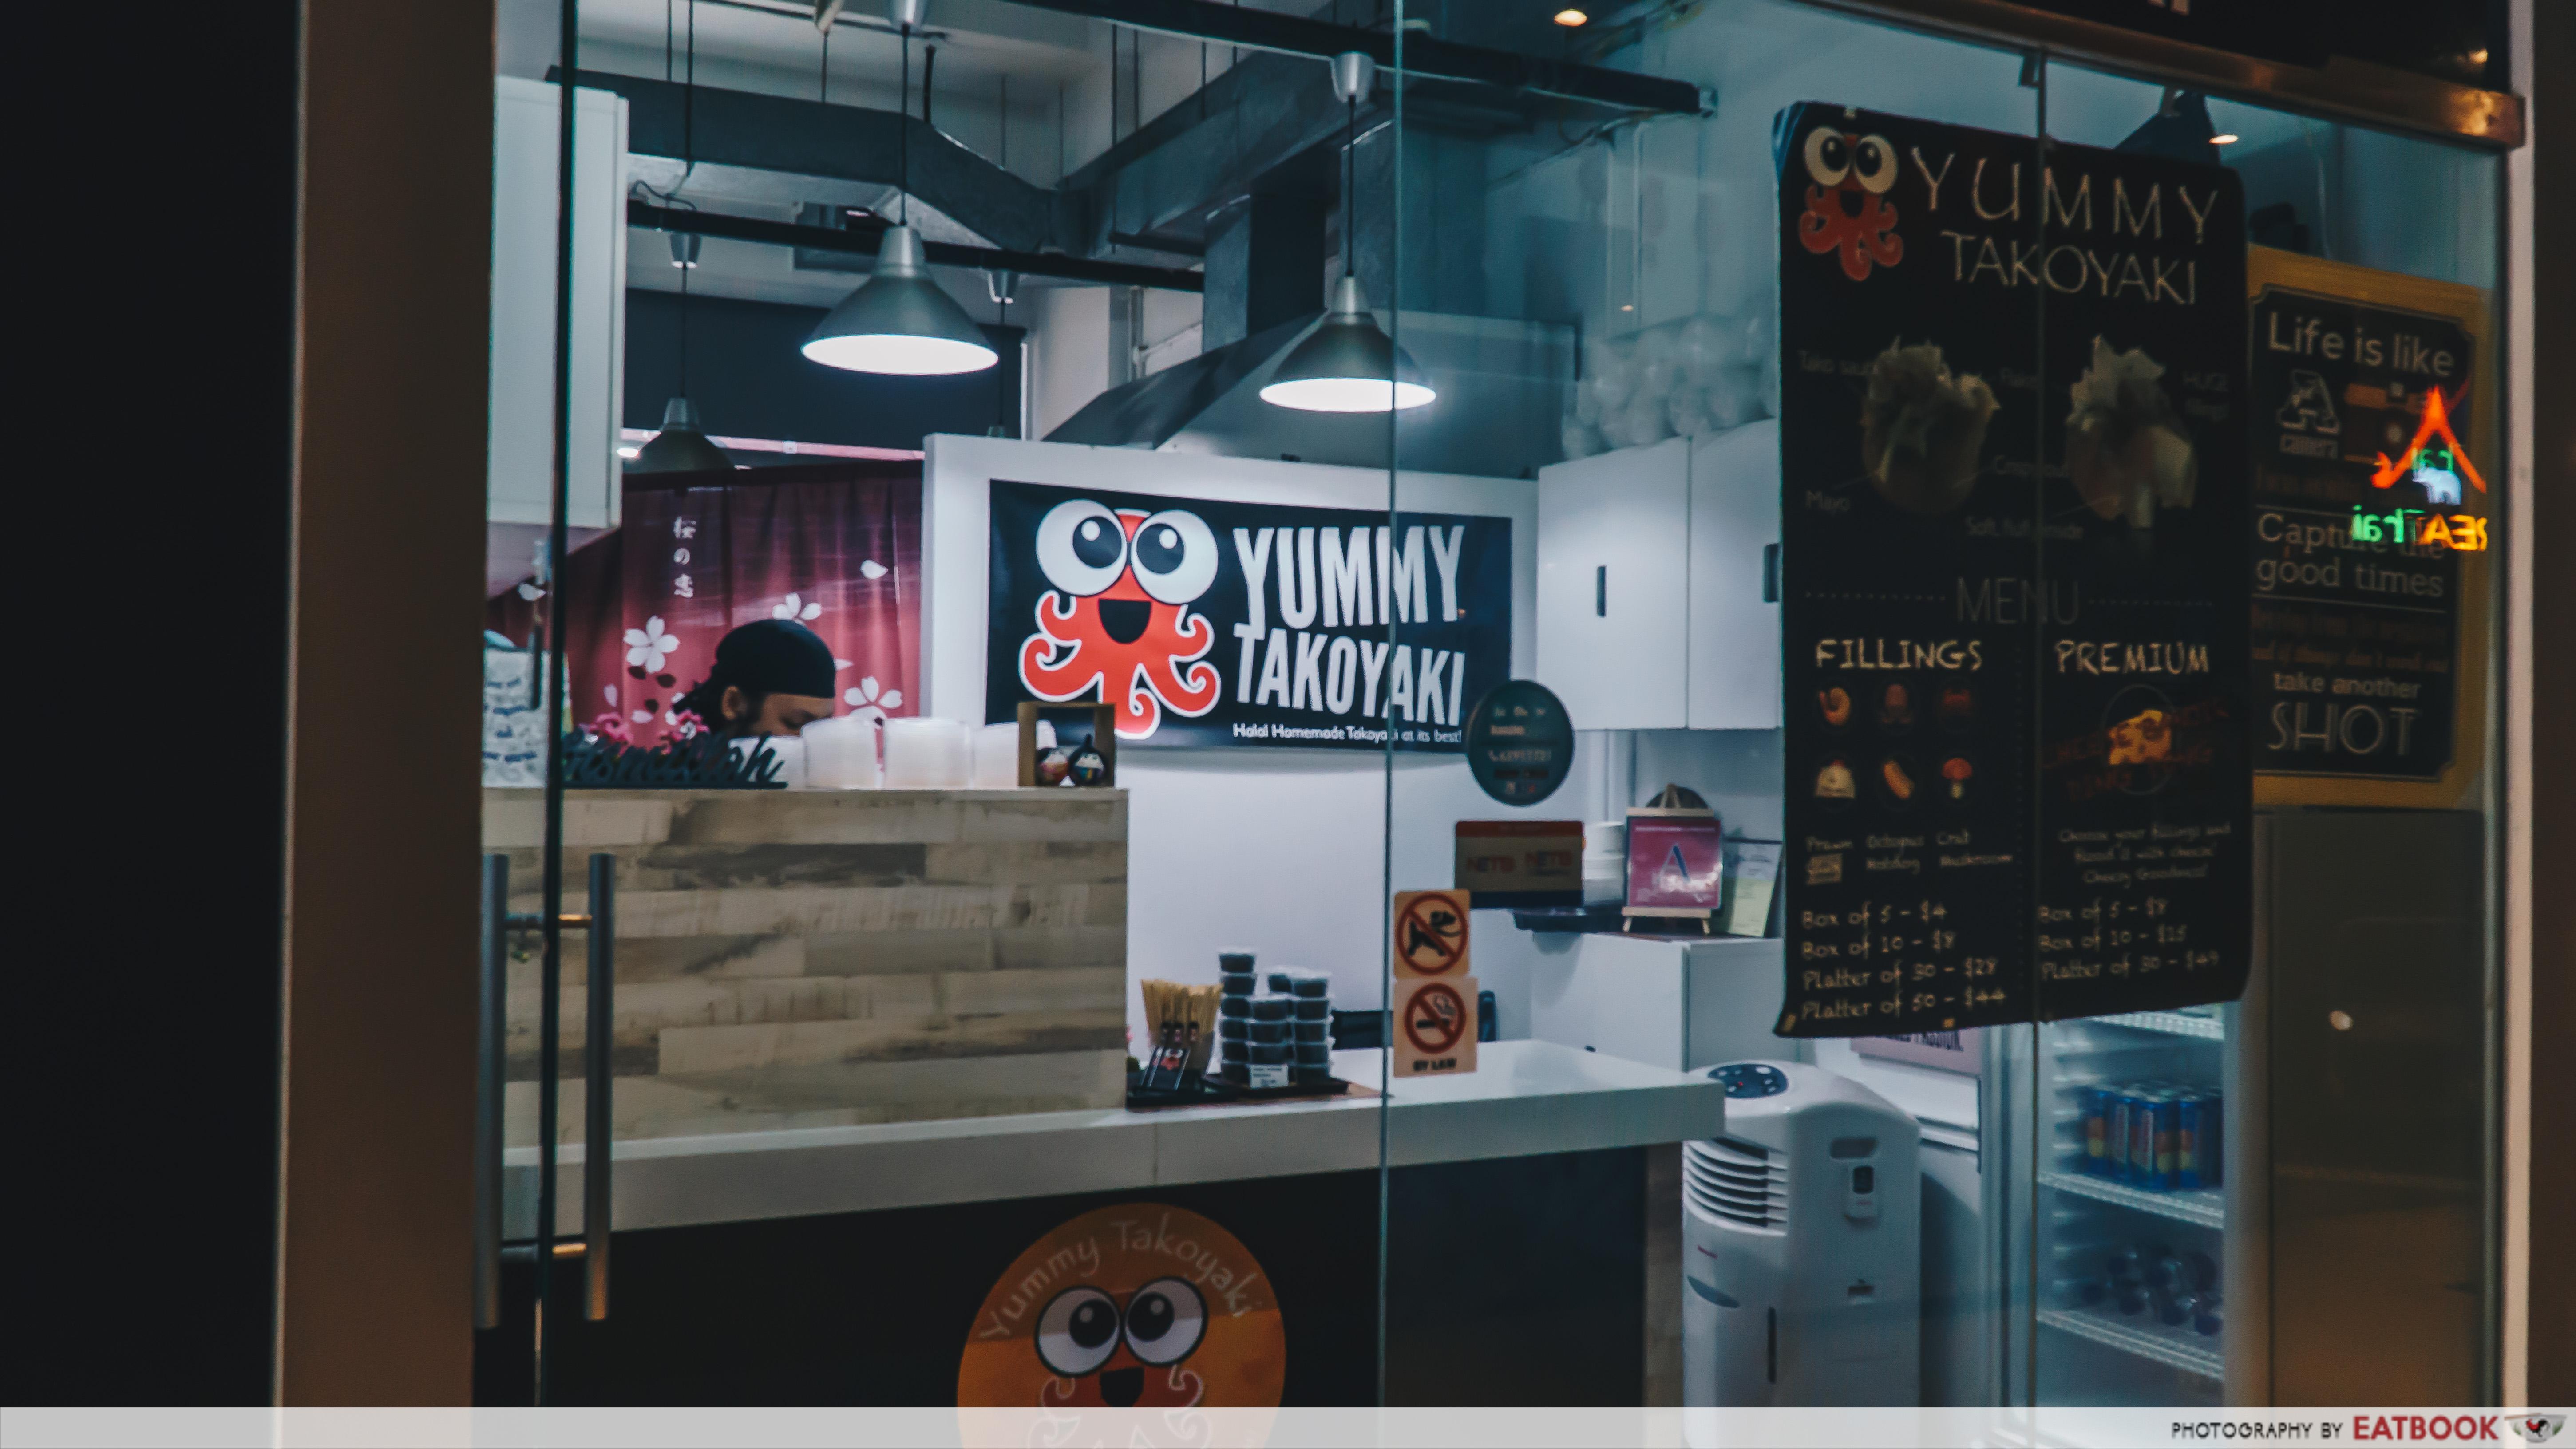 Yummy Takoyaki - Ambience